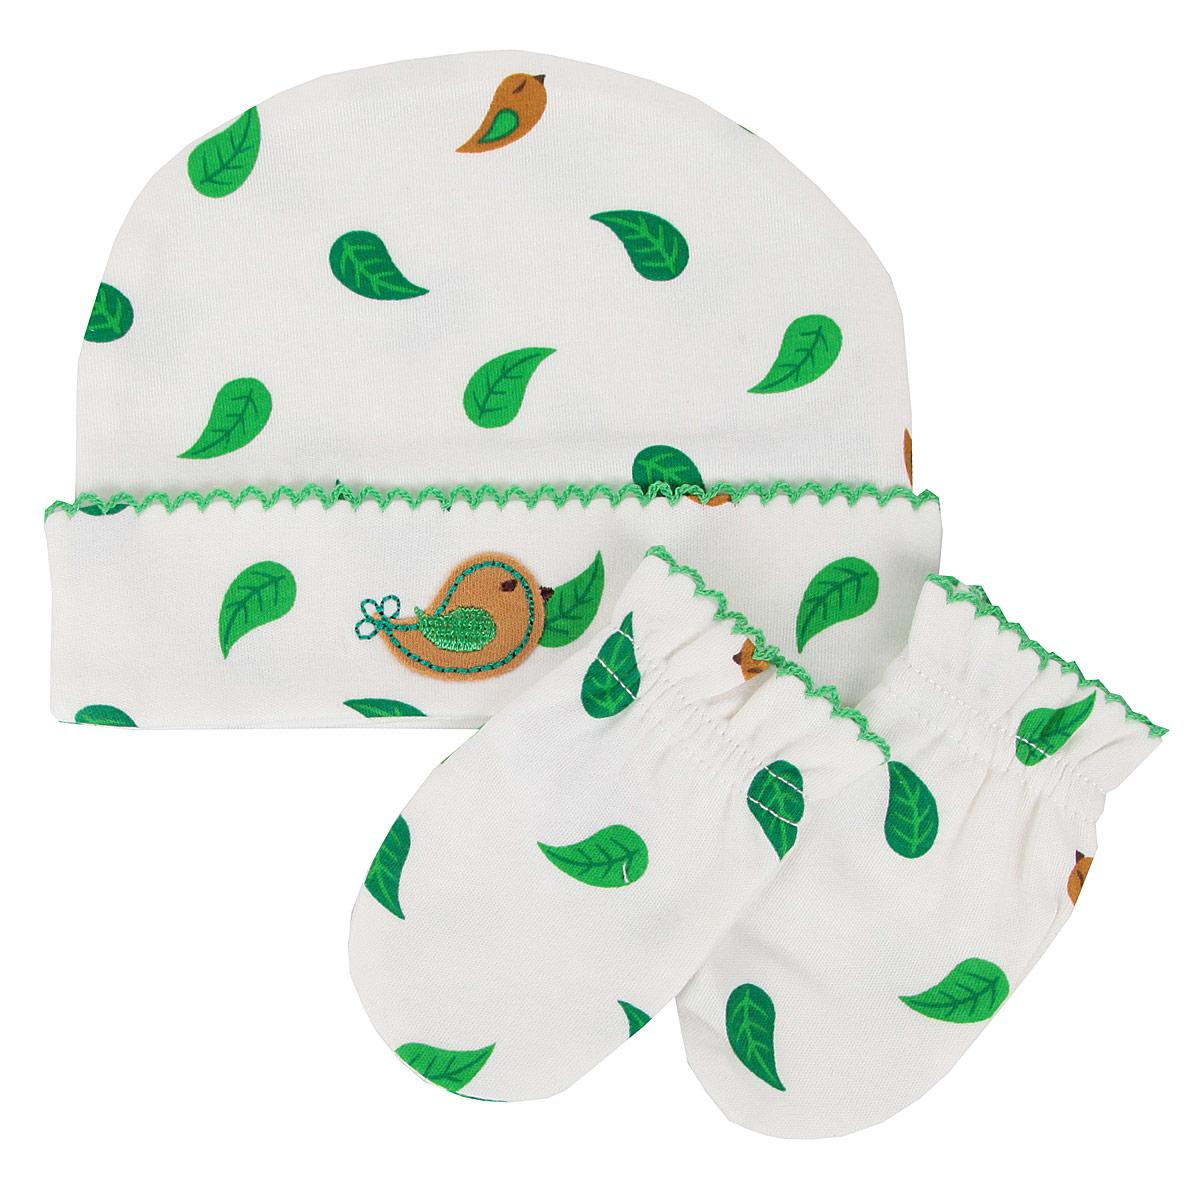 Комплект детский Babydays Птичка: шапочка, рукавички, цвет: белый, зеленый. bd20007. Размер Nb (48/58), 0-3 месяца0504-400 LNA_белый _48-58 см. (0-3, NB)Детский комплект Babydays Птичка, состоящий из шапочки и рукавичек, идеально подойдет для вашего крохи. Плотный трикотажный материал (210 г/м) из натурального хлопка делает изделия качественными, прочными и износостойкими. Ткань хорошо впитывает влагу и обеспечивает проникновение кислорода к телу малыша через одежду. Ткань не линяет, не теряет своей яркости после многочисленных стирок.Шапочка с отворотом оформлена принтом с изображением листочков и украшена ажурными петельками, а также аппликацией в виде птички. Рукавички обеспечат вашему младенцу комфорт во время сна и бодрствования, предохраняя его нежную кожу от расцарапывания. Рукавички присборены на эластичные резинки и украшены ажурными петельками. В таком комплекте ваш ребенок всегда будет в центре внимания.